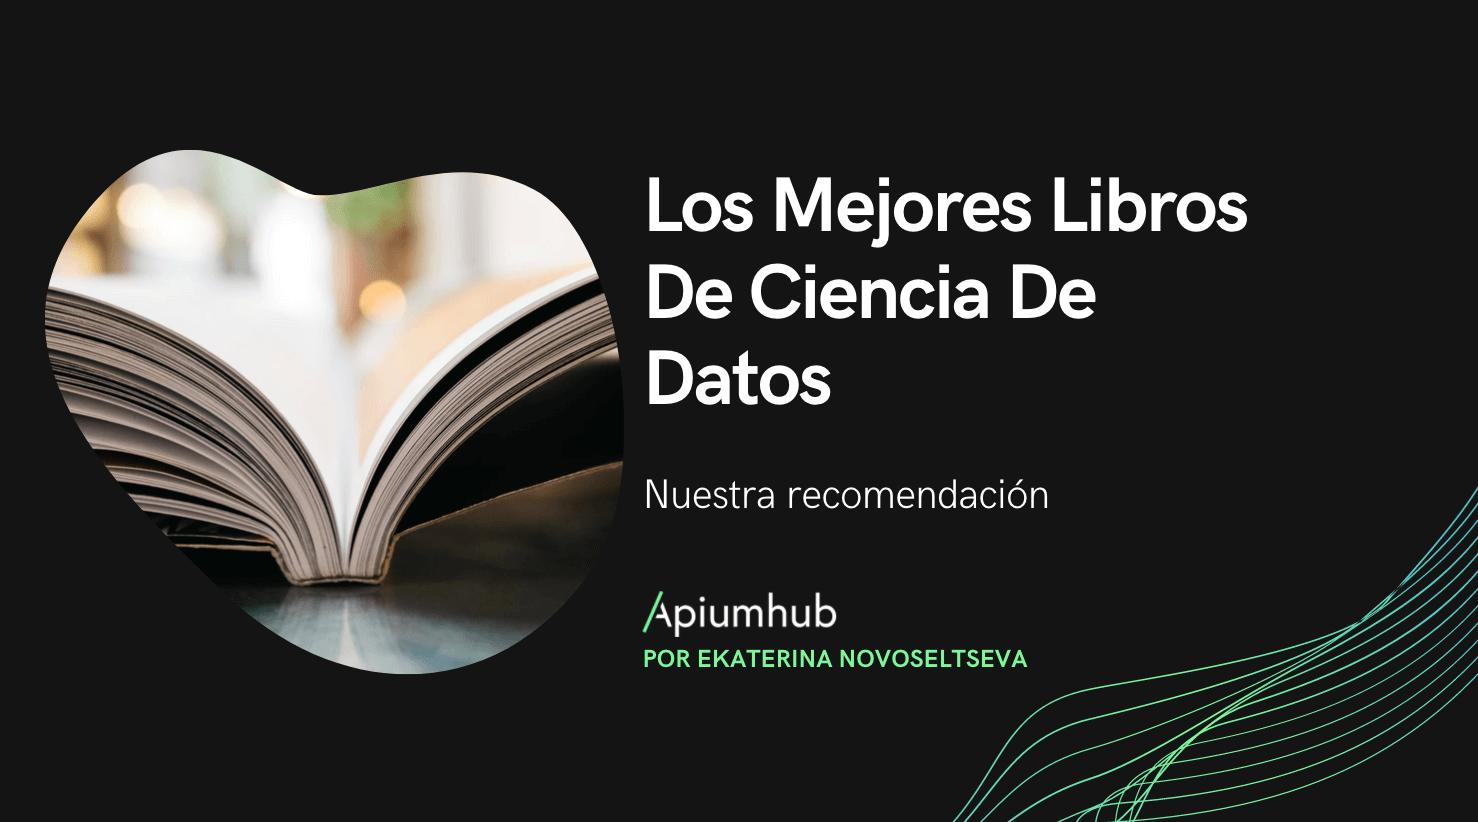 Los Mejores Libros De Ciencia De Datos